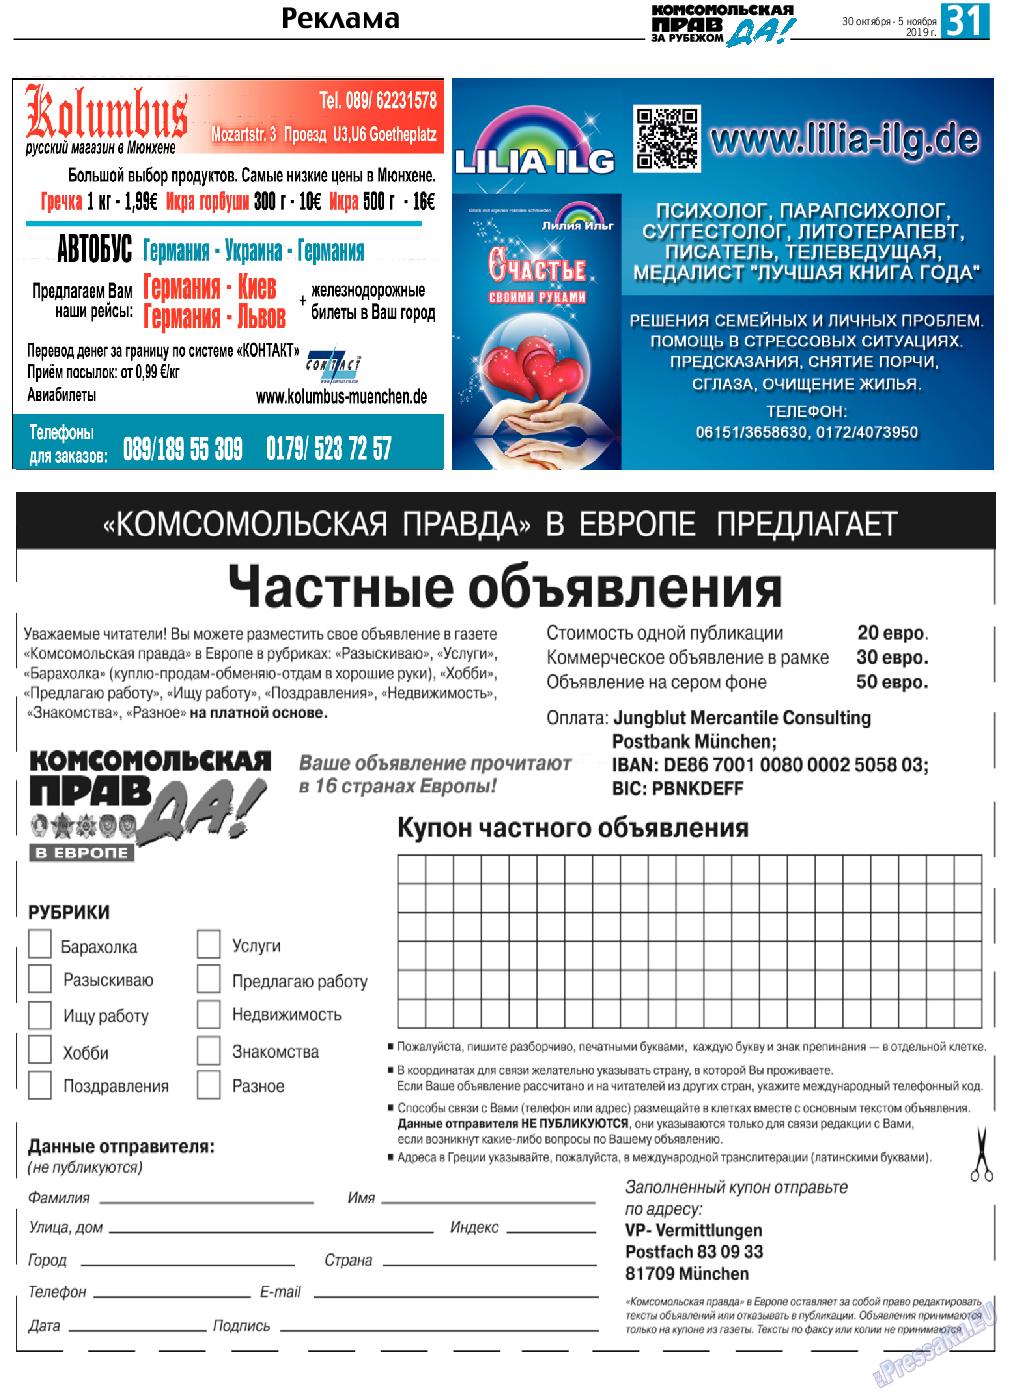 КП в Европе (газета). 2019 год, номер 44, стр. 31